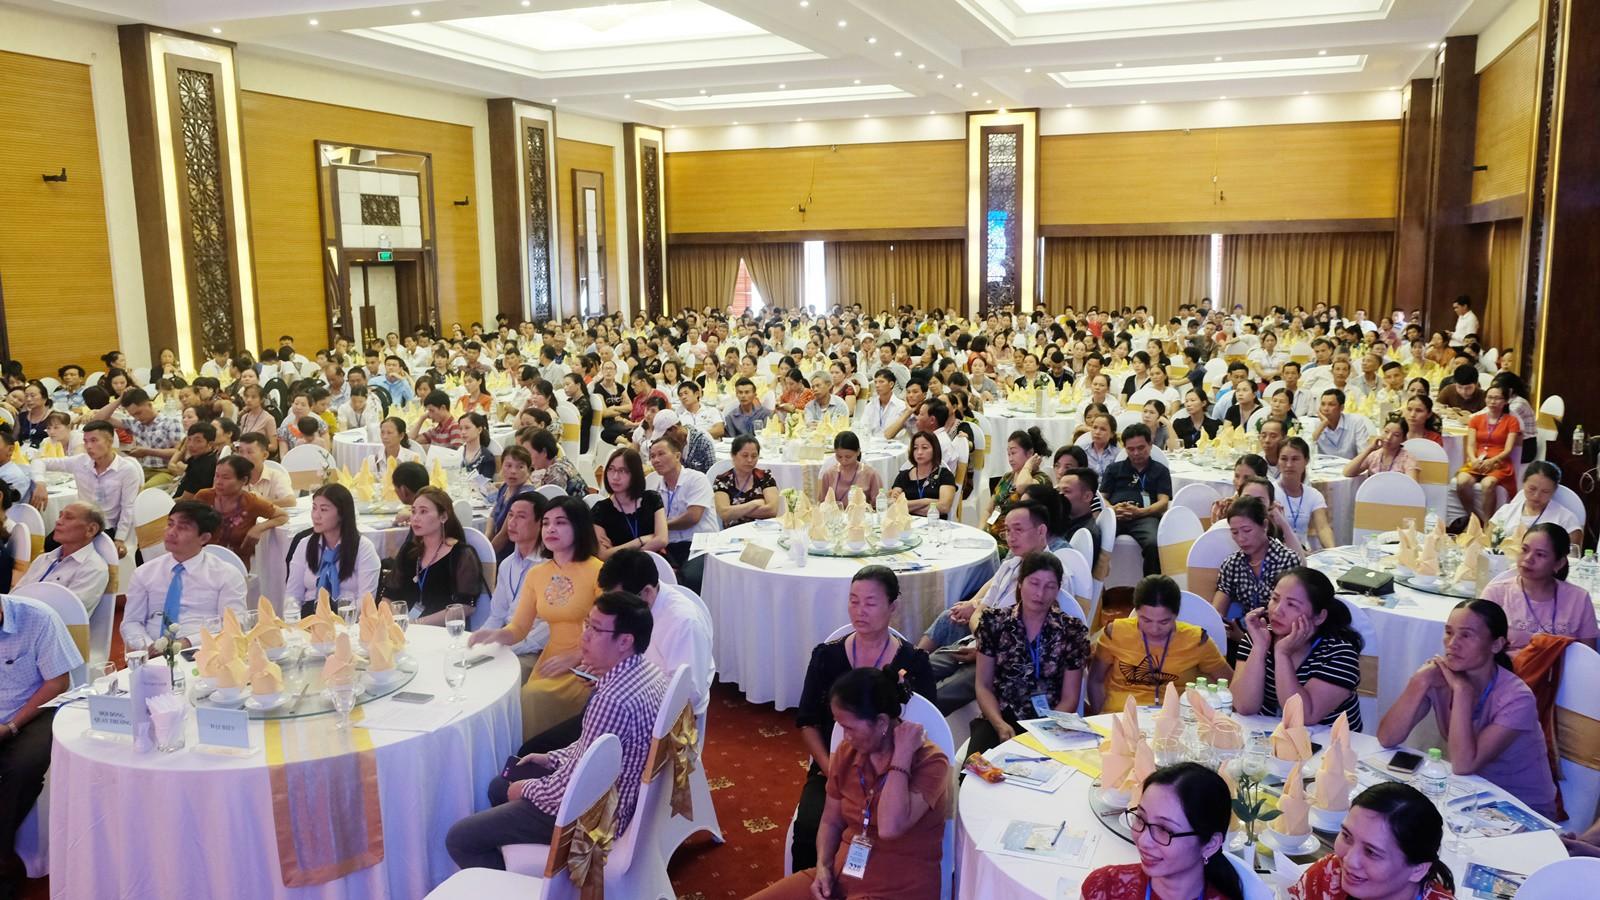 Gần 400 khách hàng tham dự Lễ quay thưởng Vi Vu Du Hè của Bảo Việt Nhân thọ.